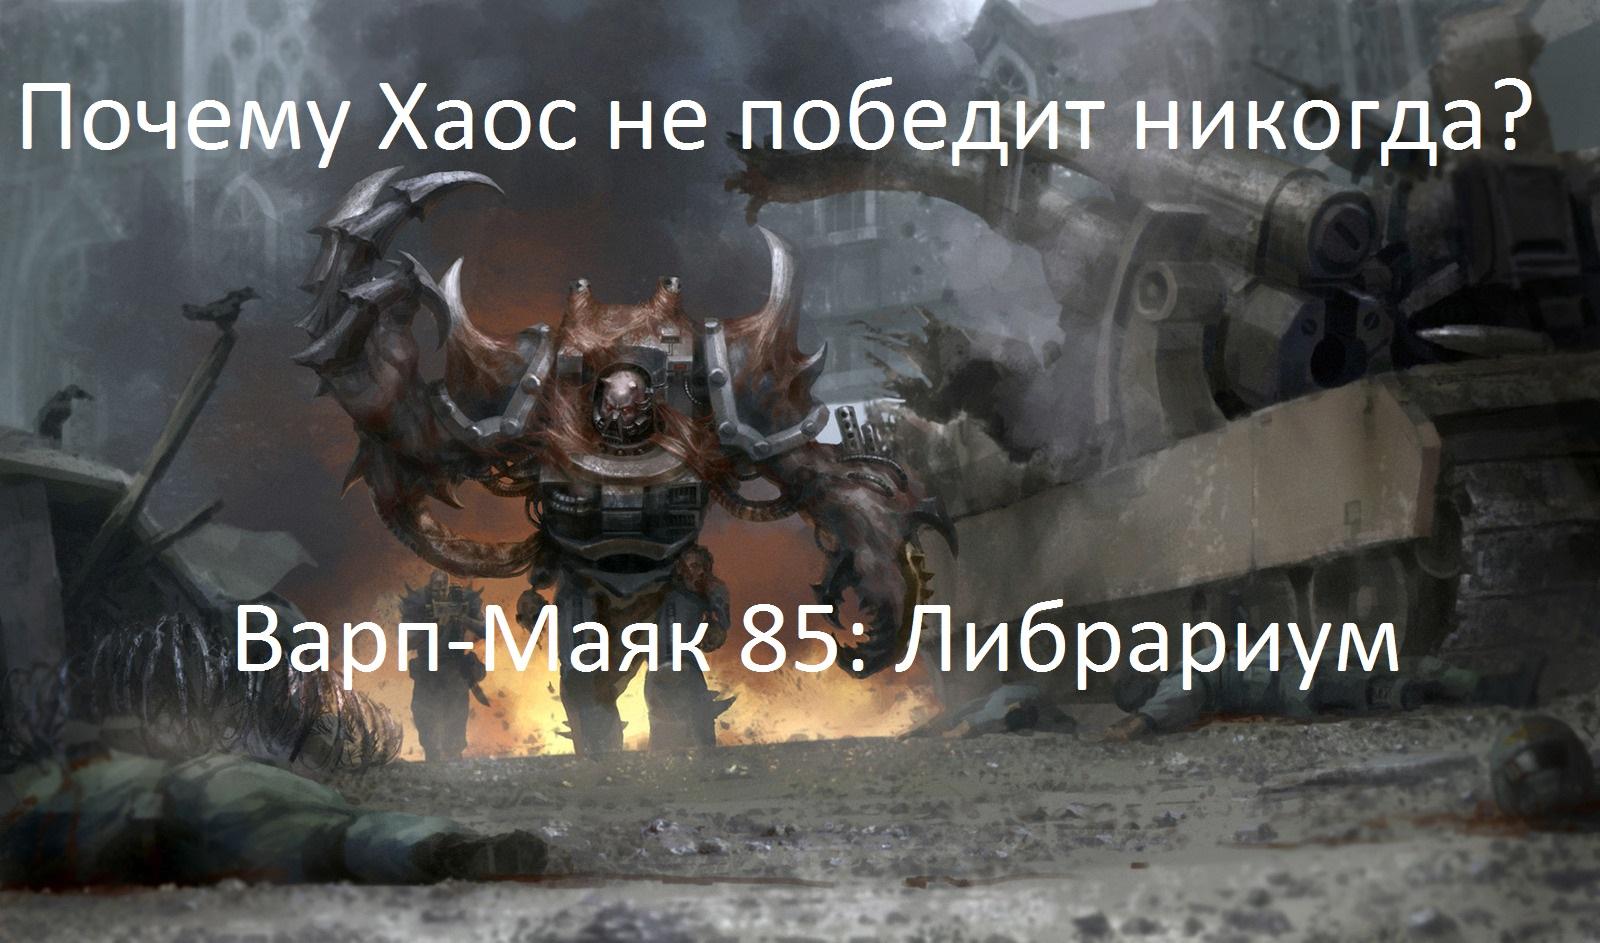 Пытаемся понять вселенную Warhammer 40000 - Почему Хаос не победит никогда? - Изображение 1